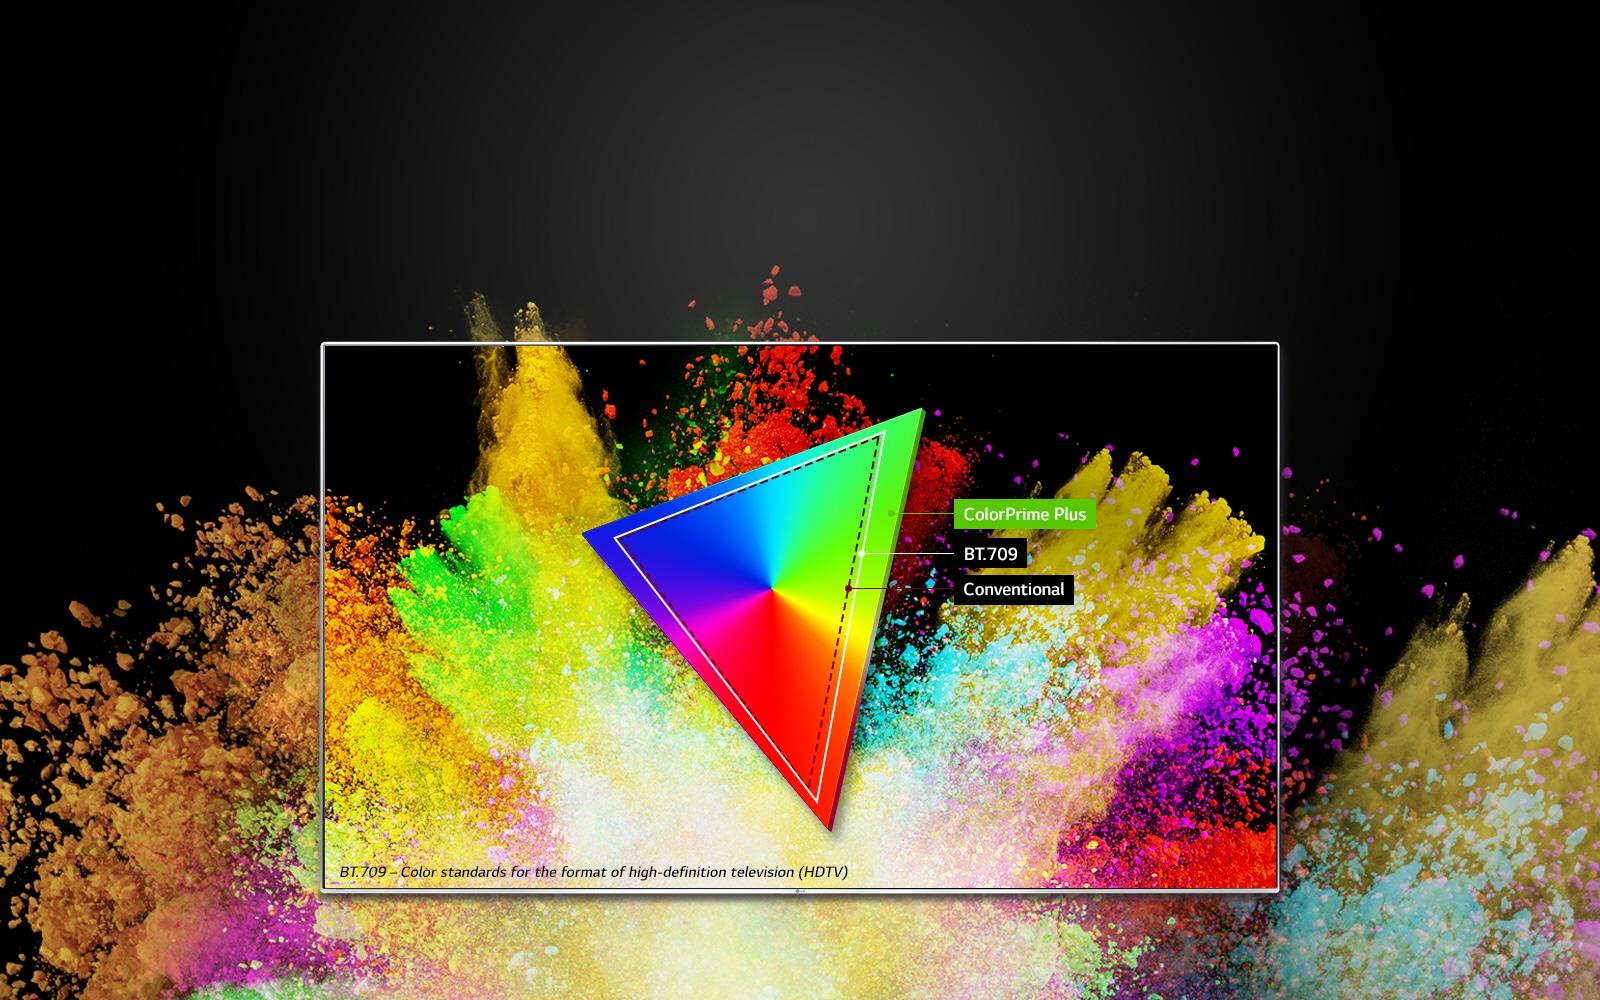 05_SuperUHD_Feature_ColorPrime_Plus